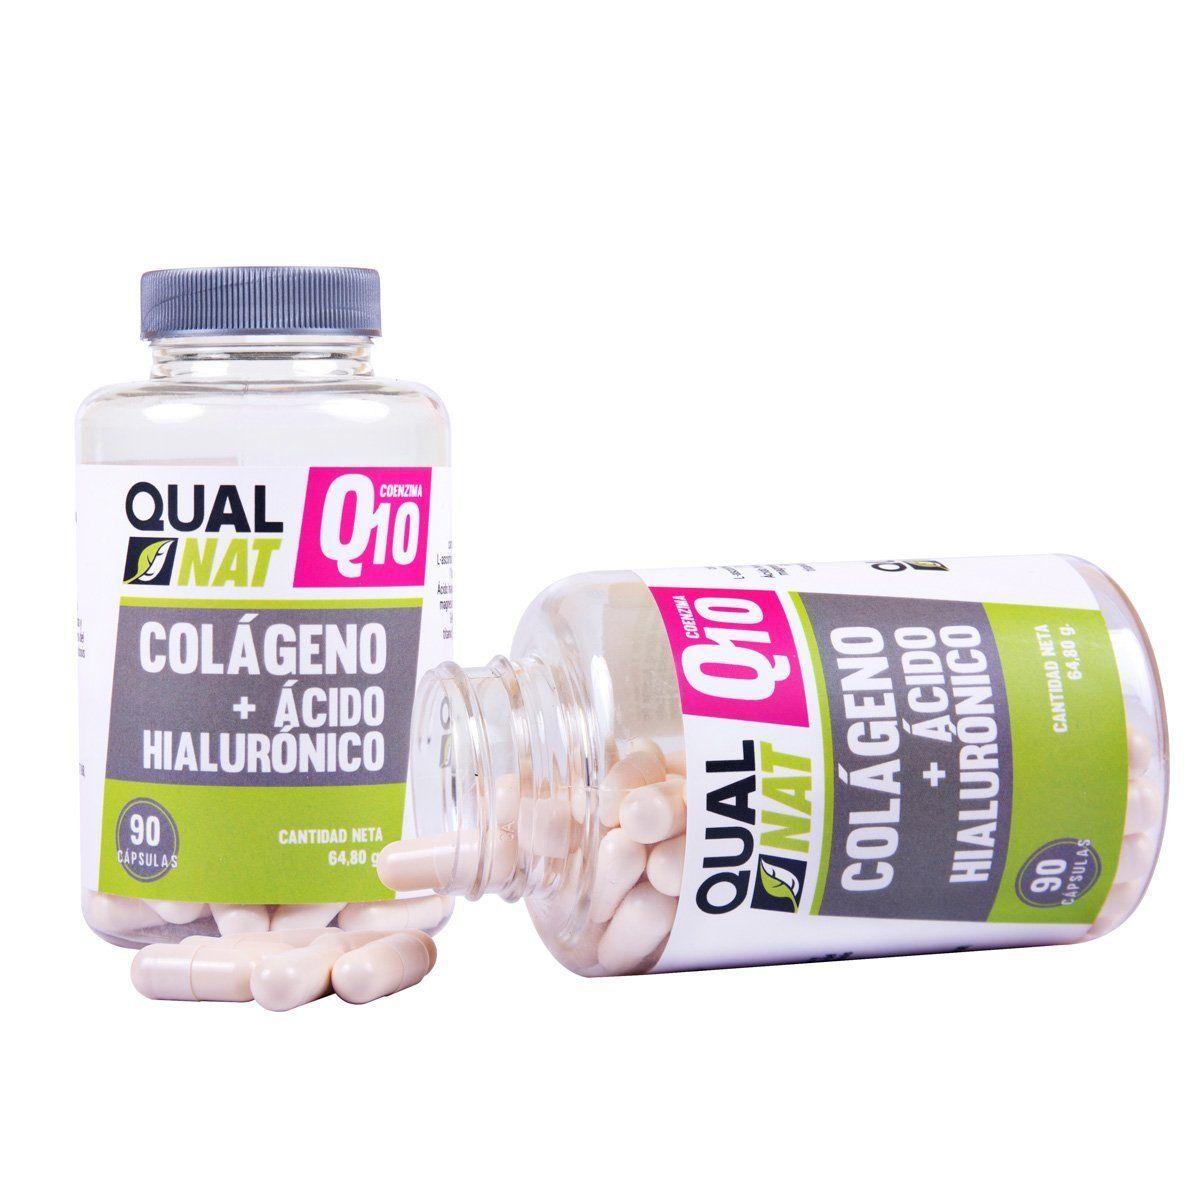 colageno con q10 y acido hialuronico de qualnat mejor colageno